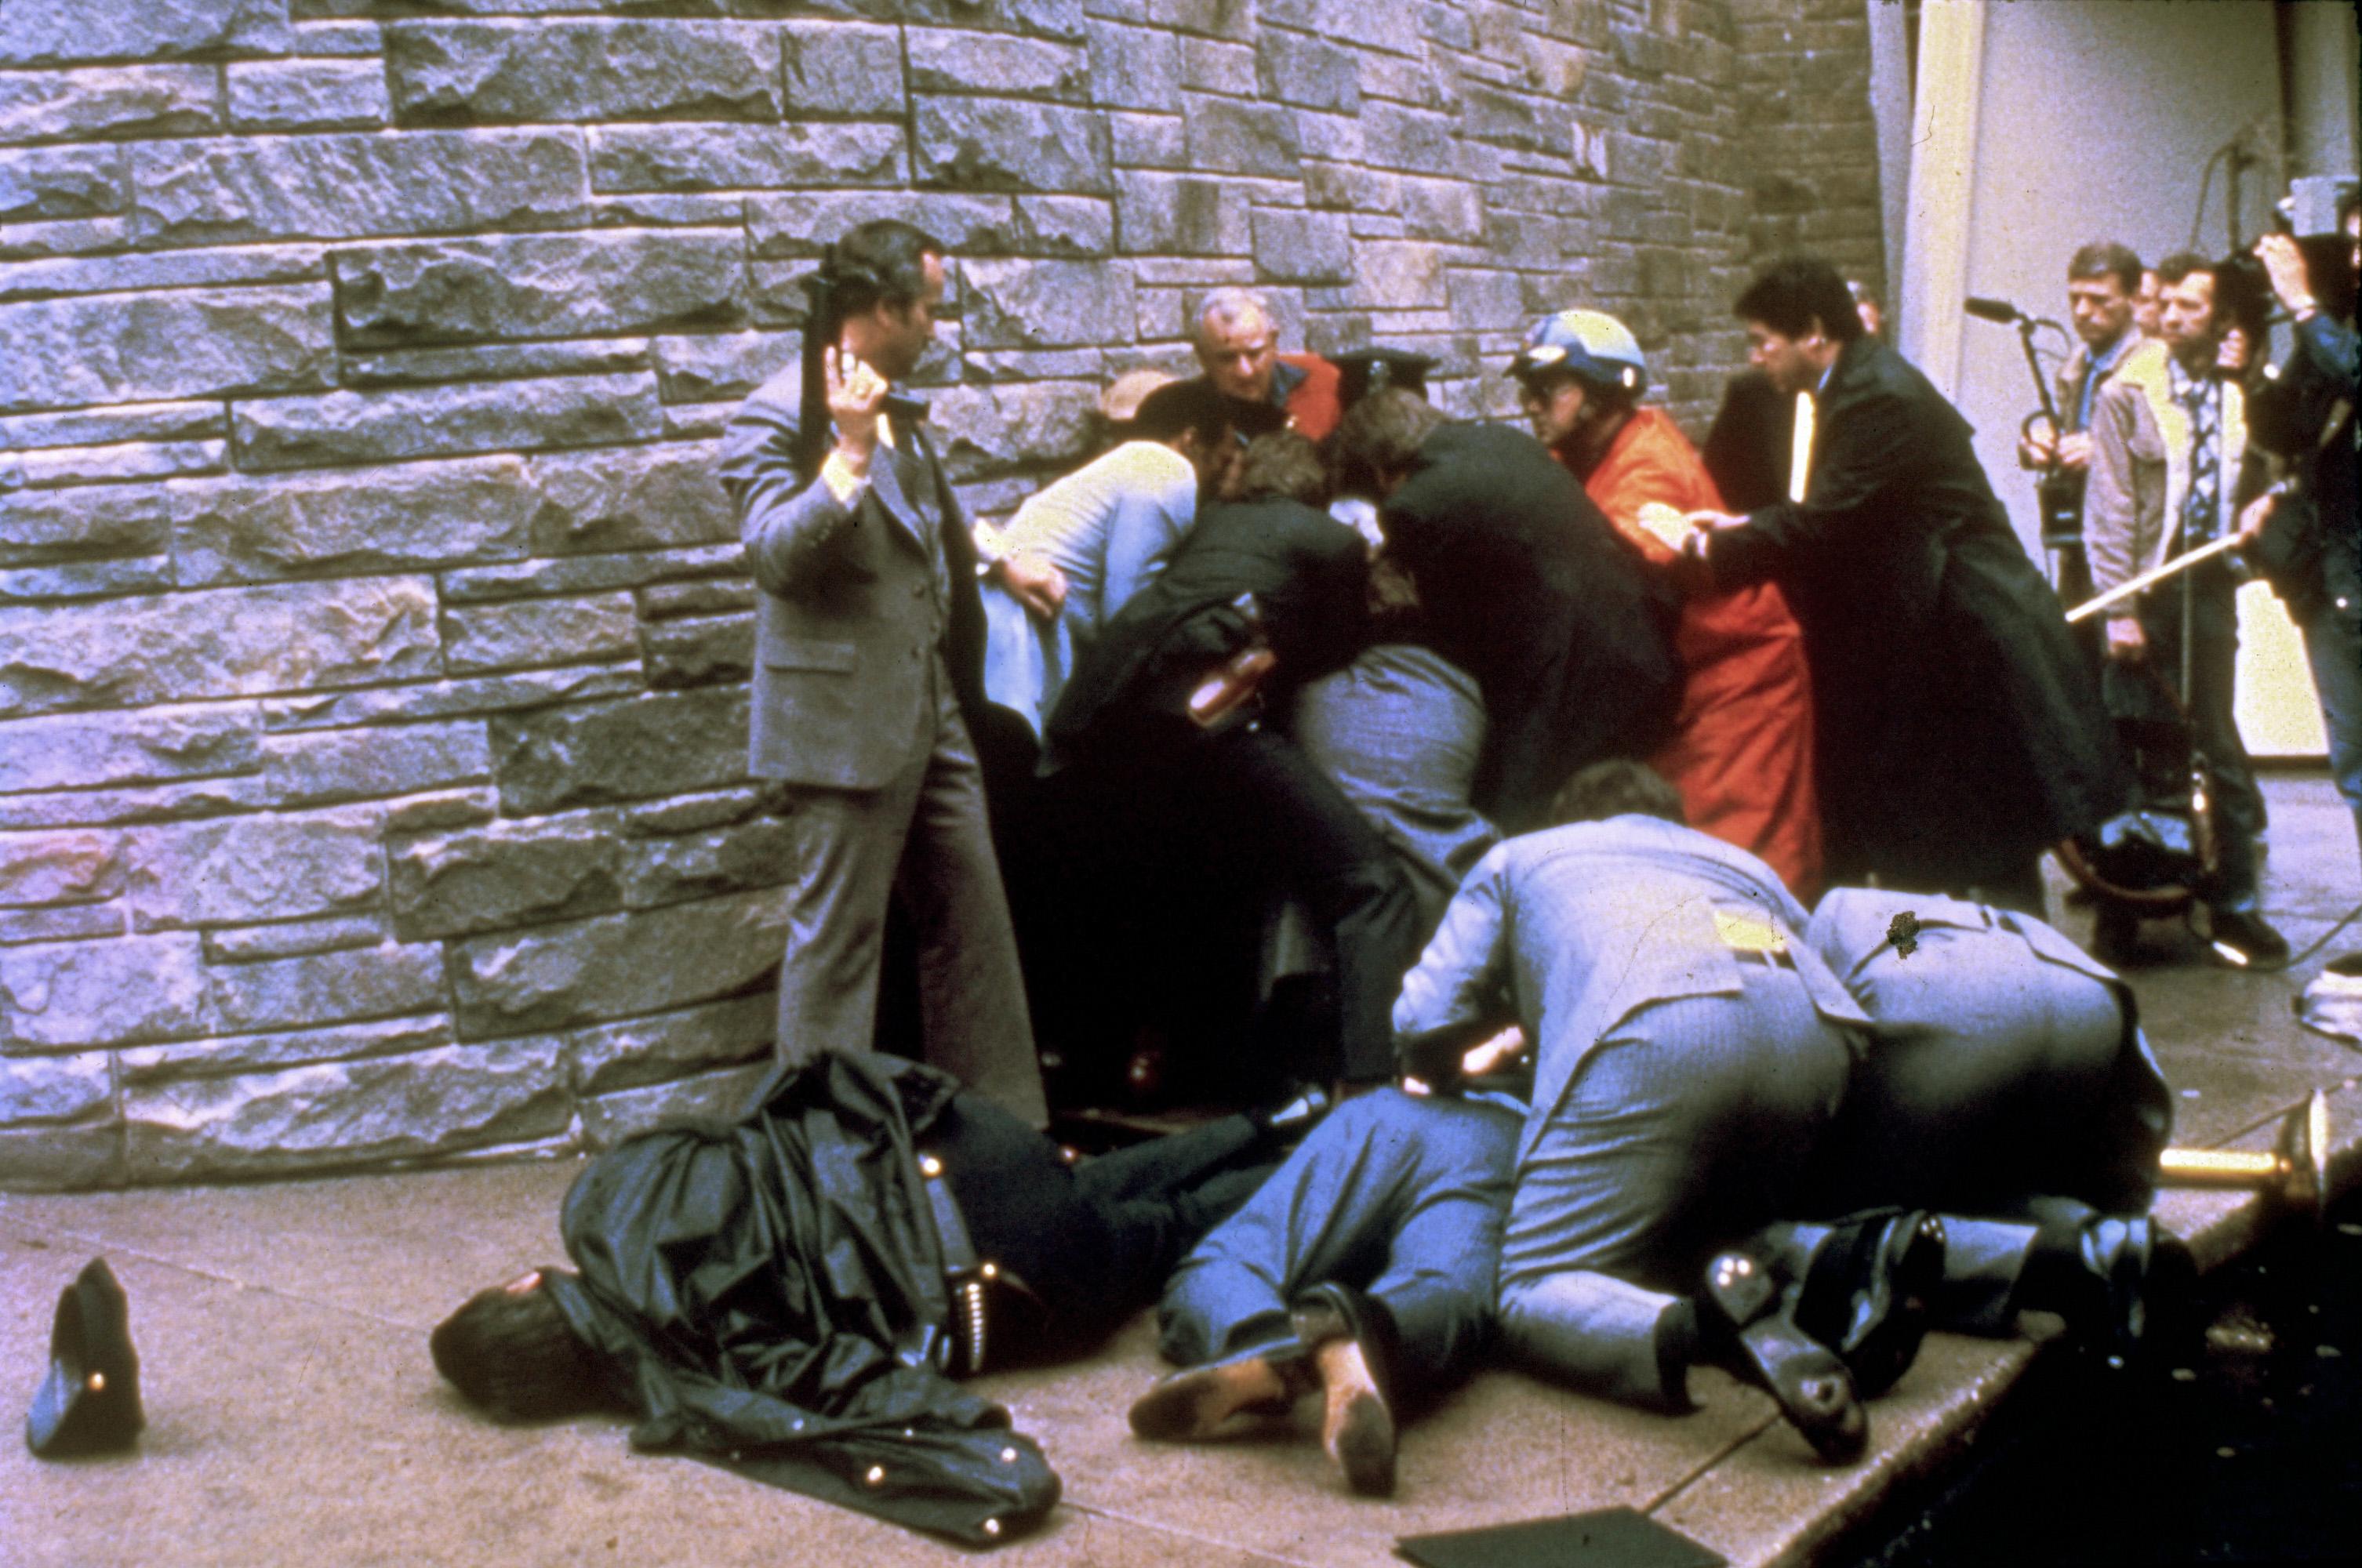 槍手被壓制在地上。Brady受傷倒在地上,特勤人員俯身檢視他的情況。左前為被擊中倒地的警官Delehanty。(美聯社)